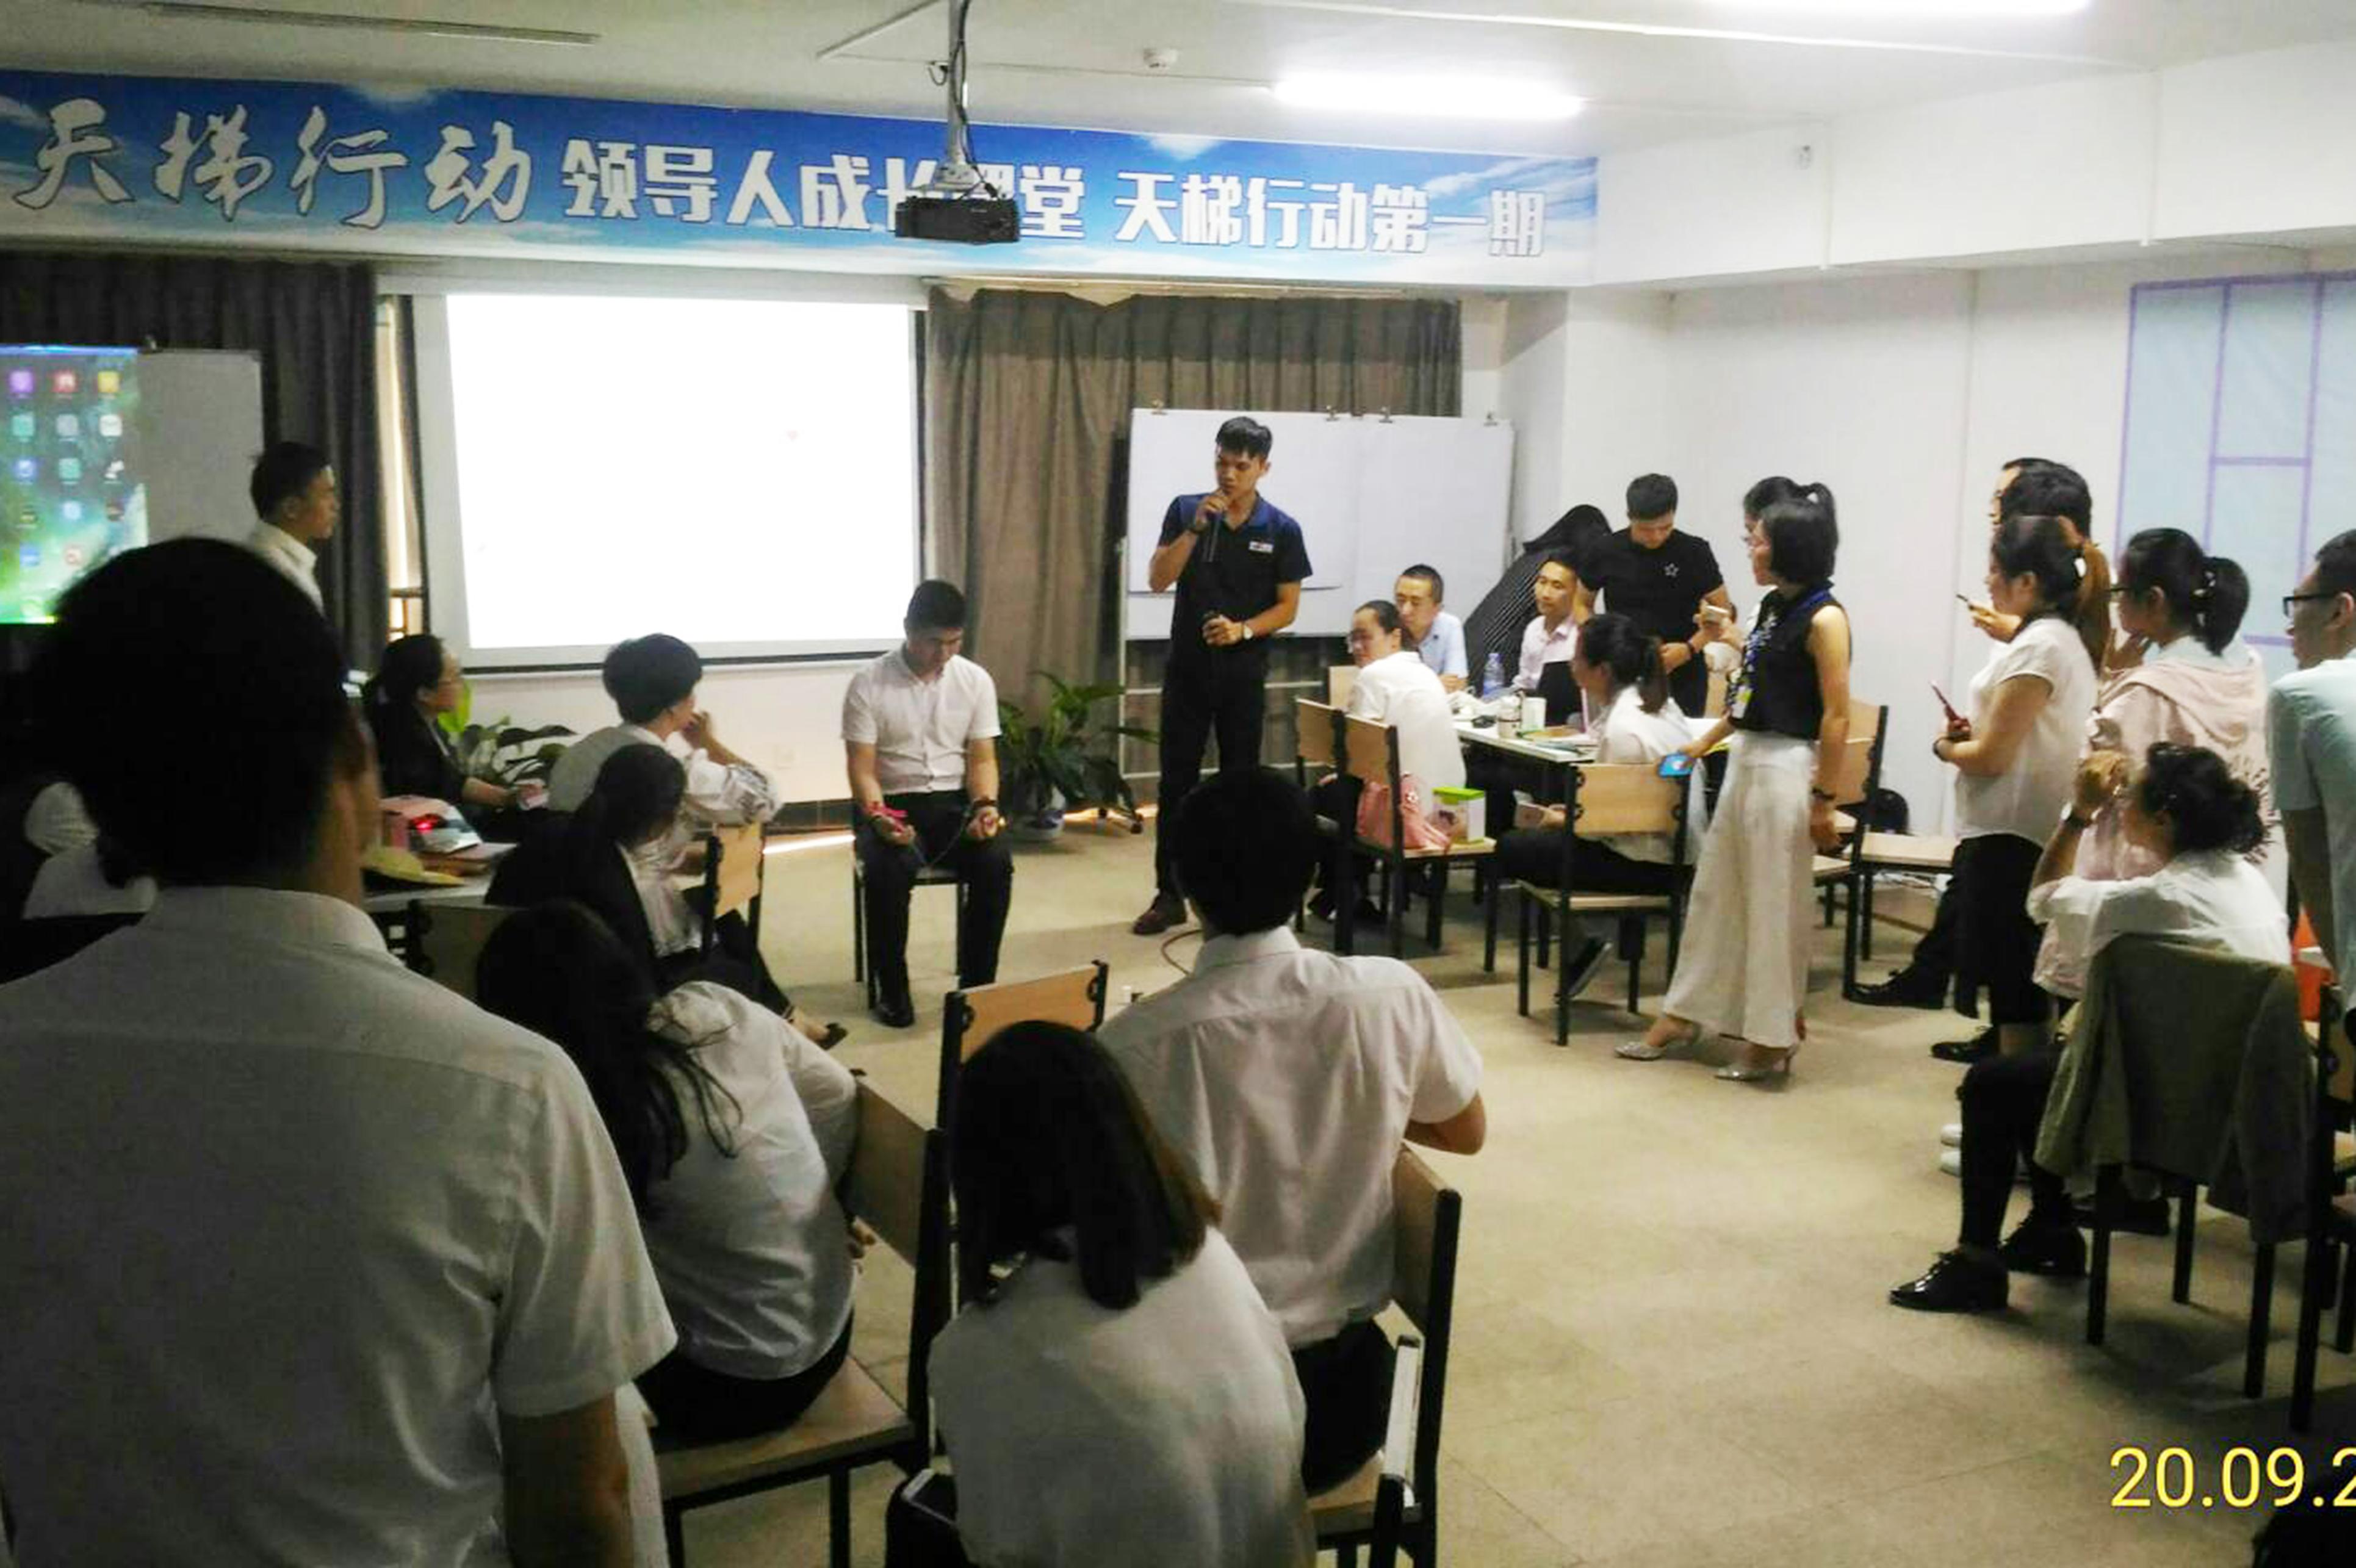 落地中國大型連鎖社區日照中心教育訓練